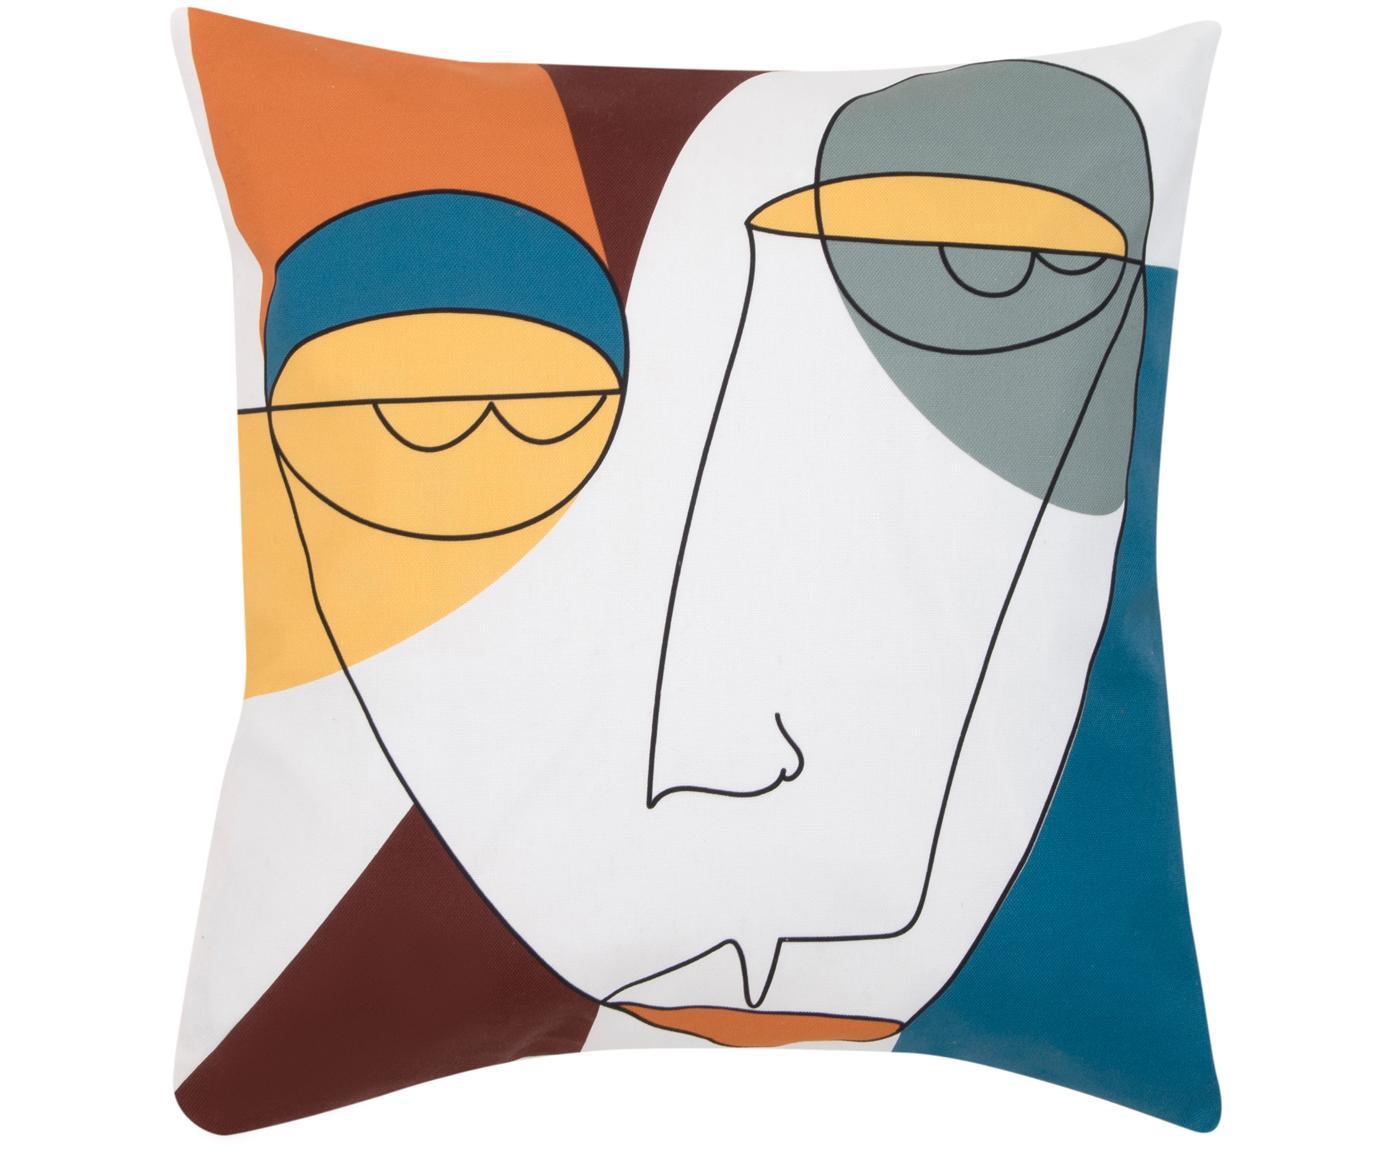 Kissenhülle Adrian mit abstraktem Print in Bunt, Webart: Panama, Weiss, Mehrfarbig, 40 x 40 cm